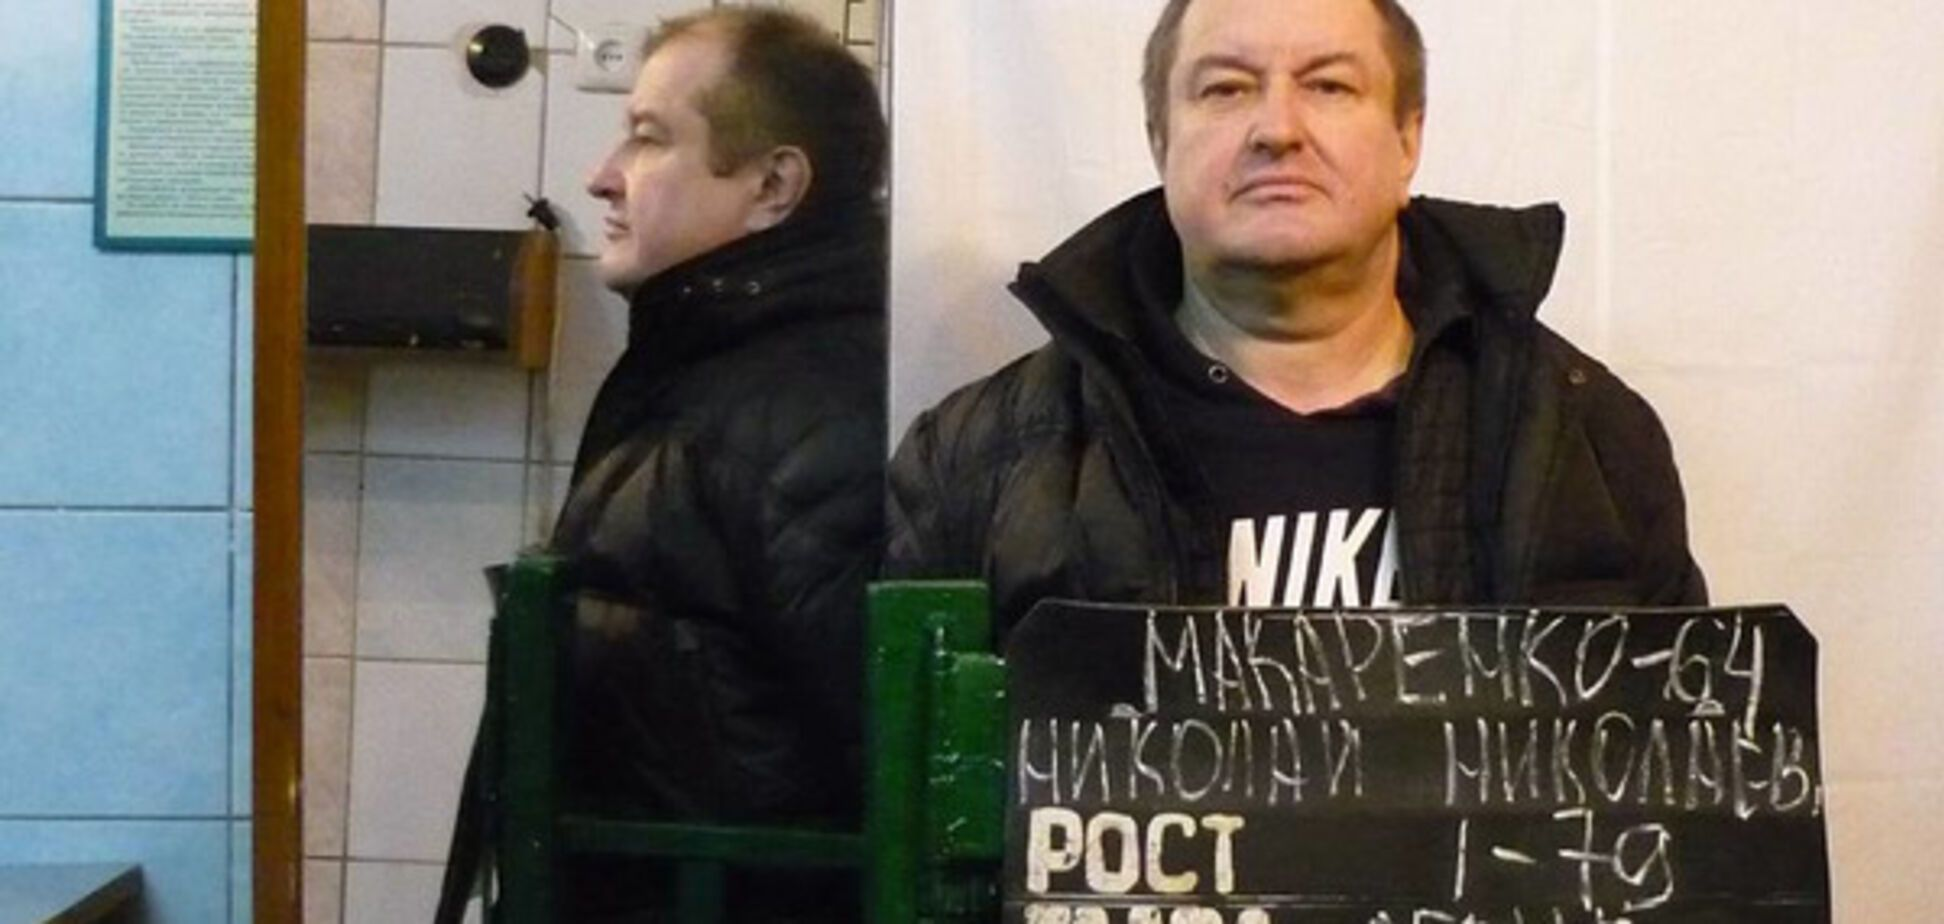 Под праздник: экс-начальника киевской ГАИ экстрадировали в Украину